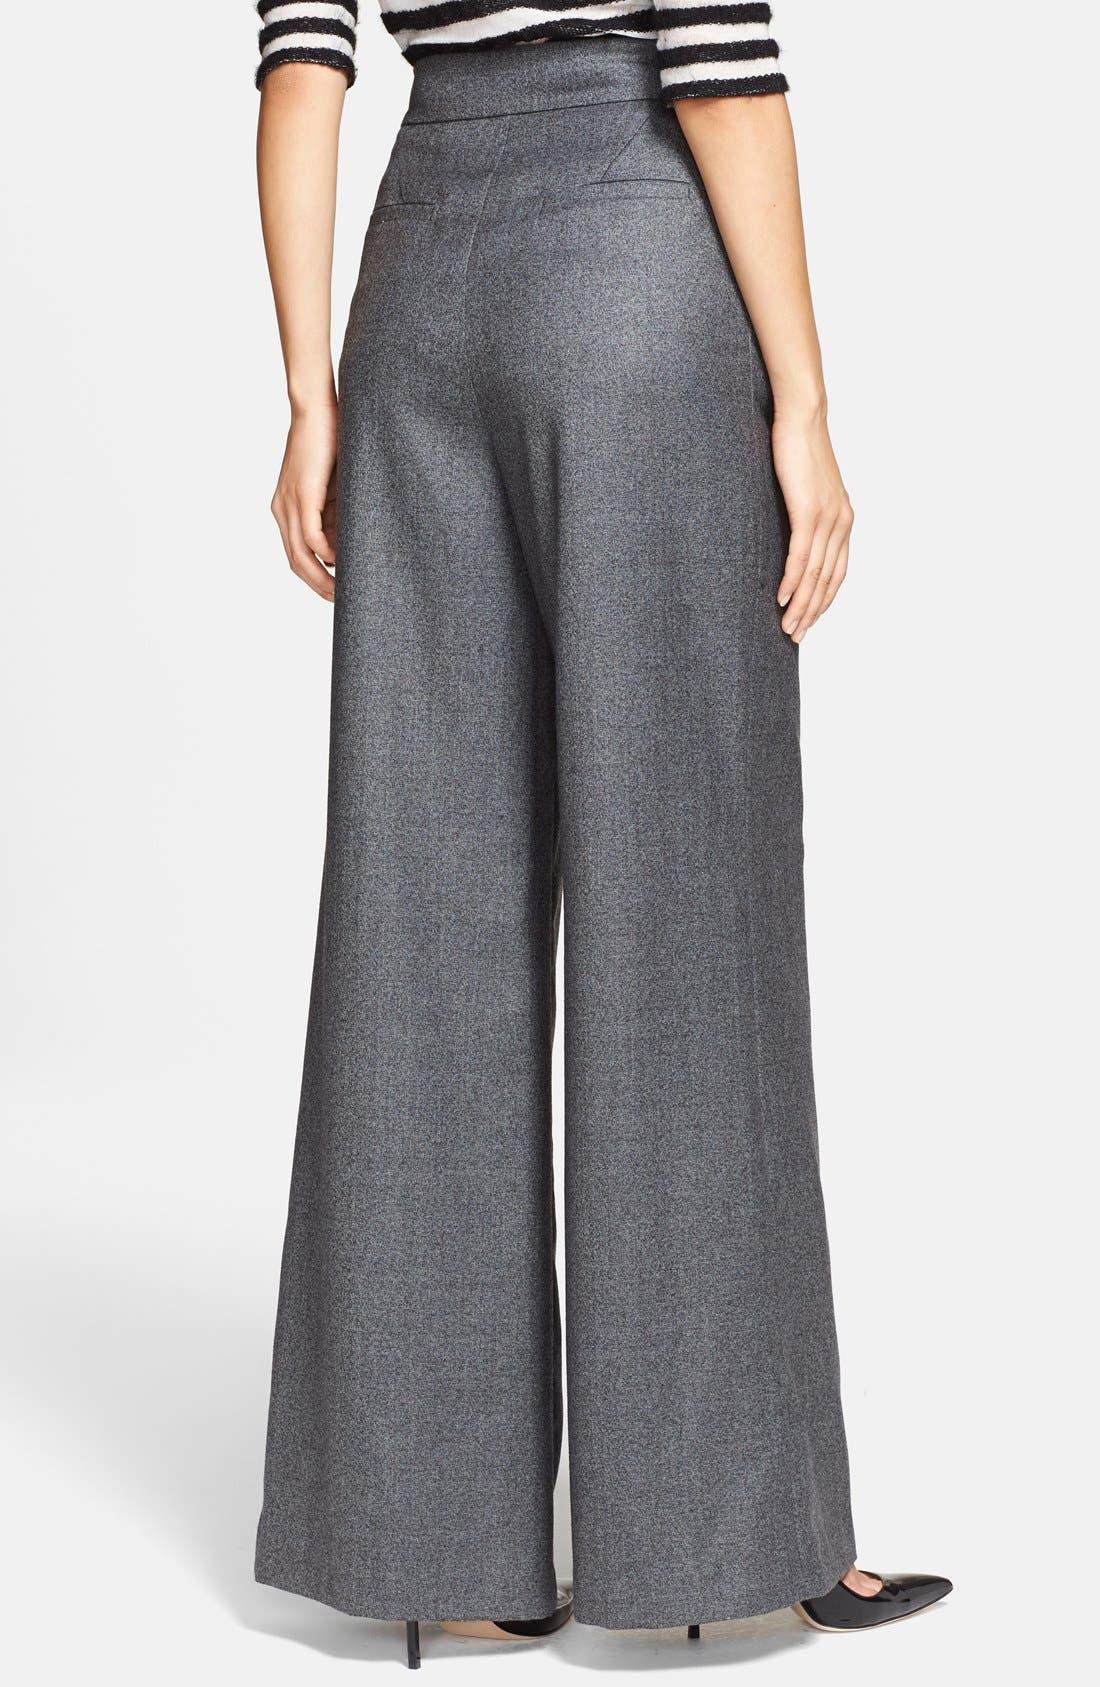 Alternate Image 2  - Rachel Zoe 'Alessia' Wide Leg Trousers